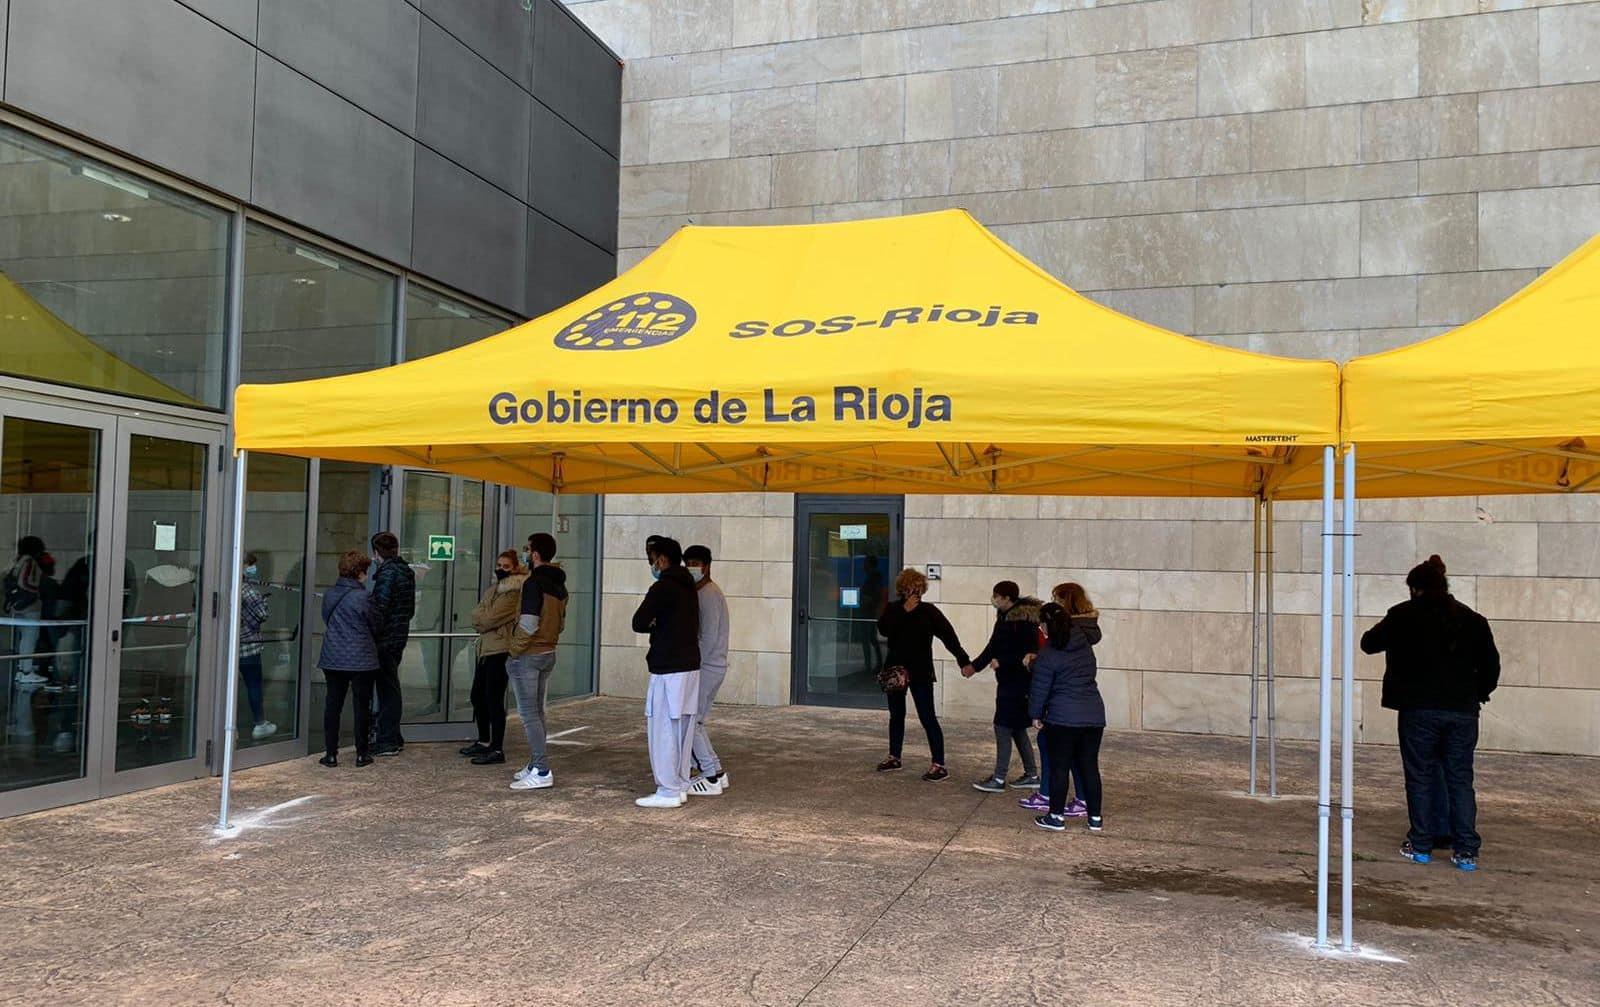 Siguen en ascenso los casos activos de coronavirus en La Rioja: 1.203 1